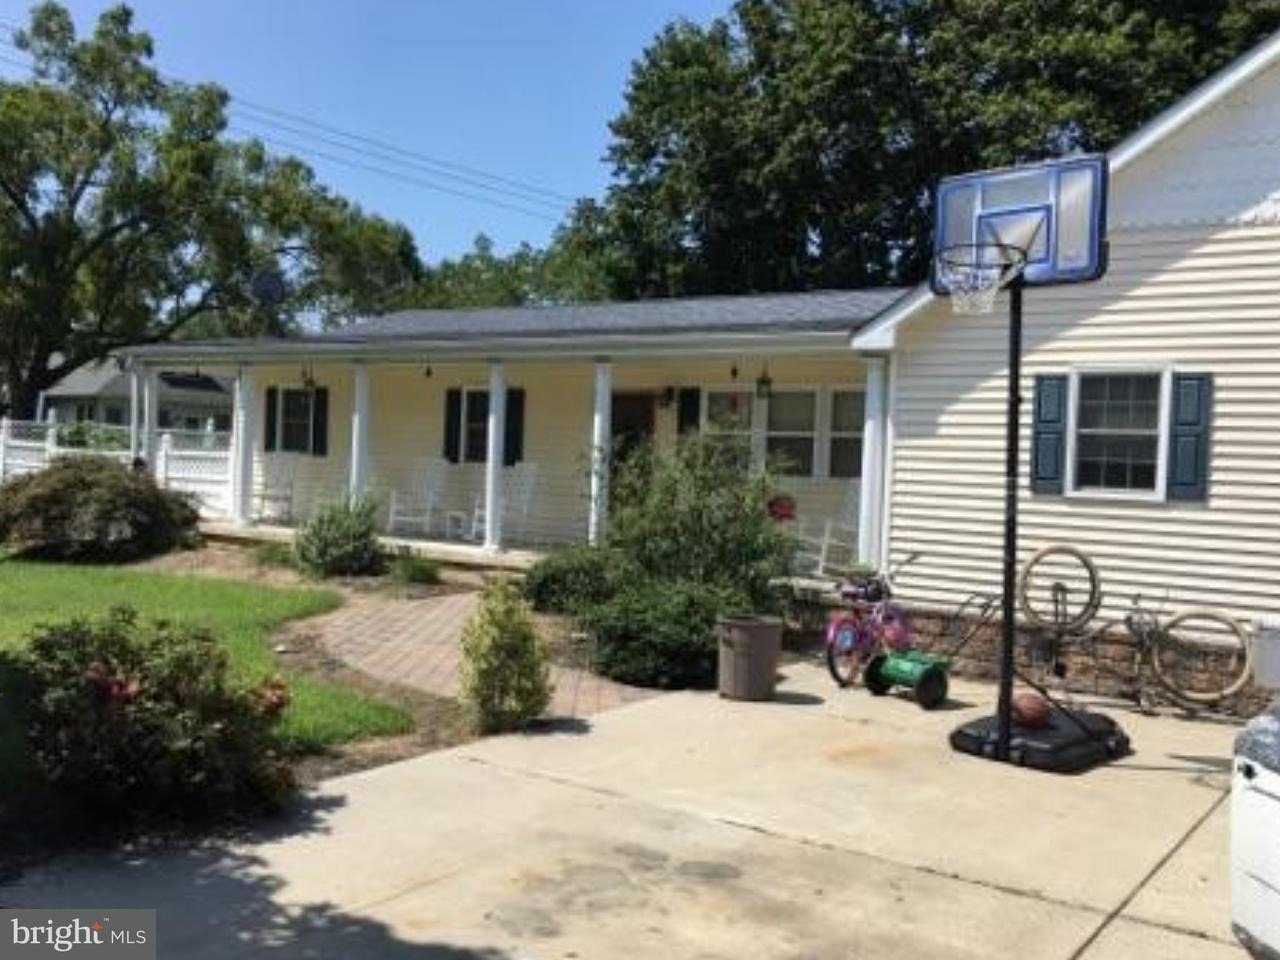 独户住宅 为 销售 在 701 MARSHA Avenue Williamstown, 新泽西州 08094 美国在/周边: Monroe Township